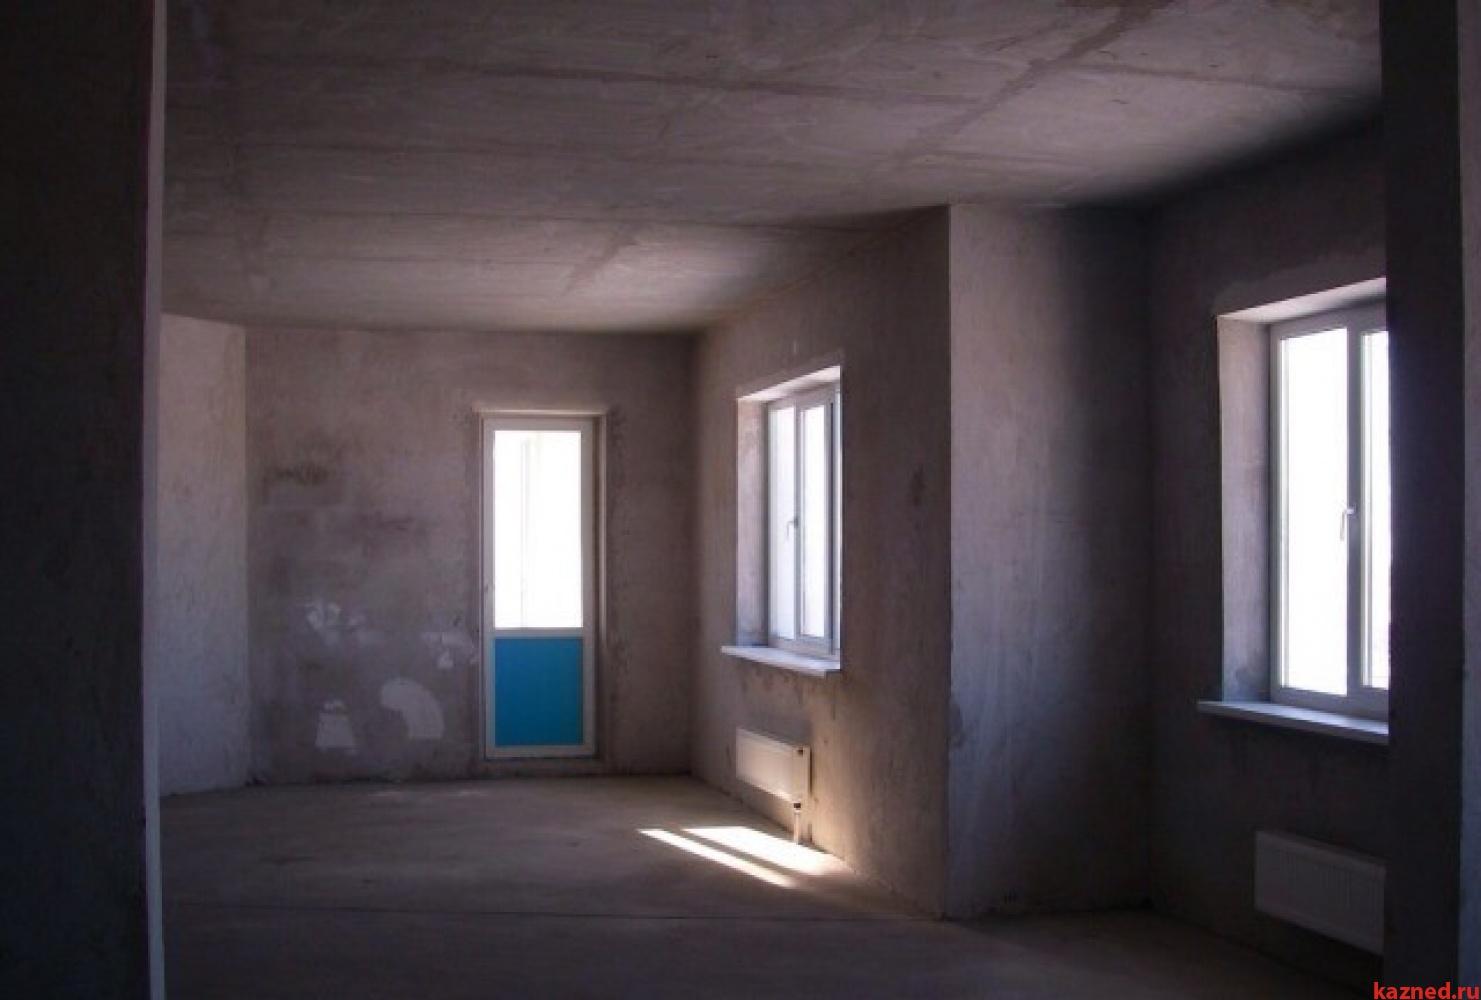 Продажа 3-к квартиры Павлюхина, 110 в, 110 м²  (миниатюра №6)